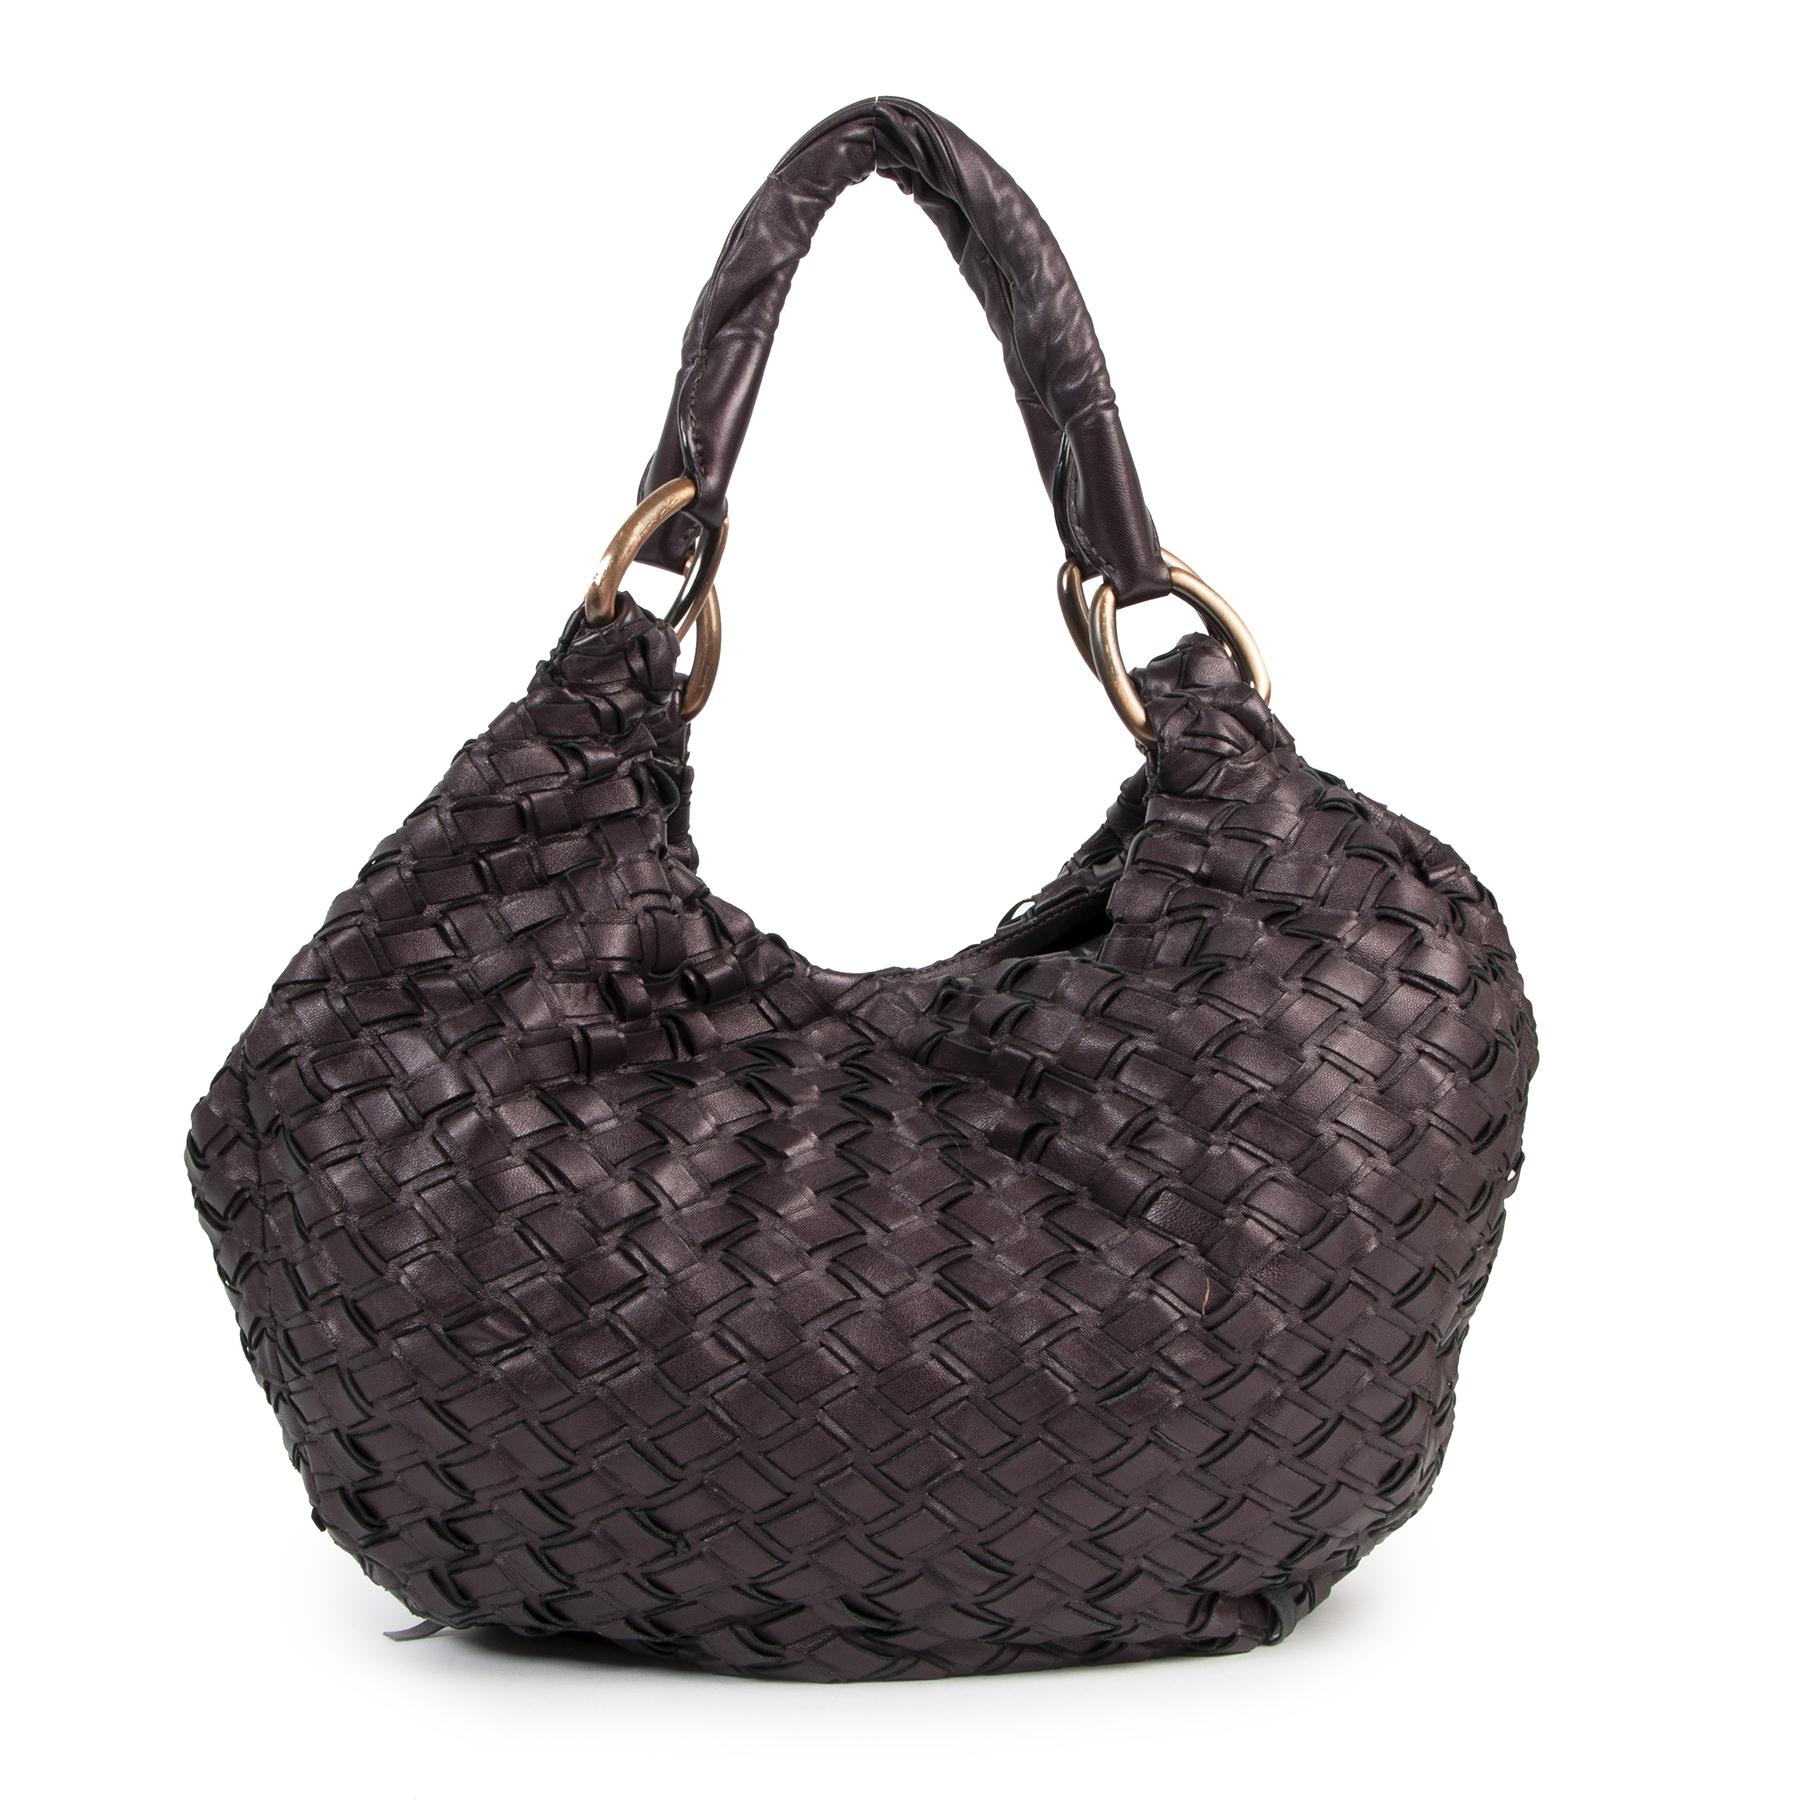 Authentieke Tweedehands Miu Miu Purple Intreccio Woven Tote Bag juiste prijs veilig onine shoppen luxe merken webshop winkelen Antwerpen België mode fashion